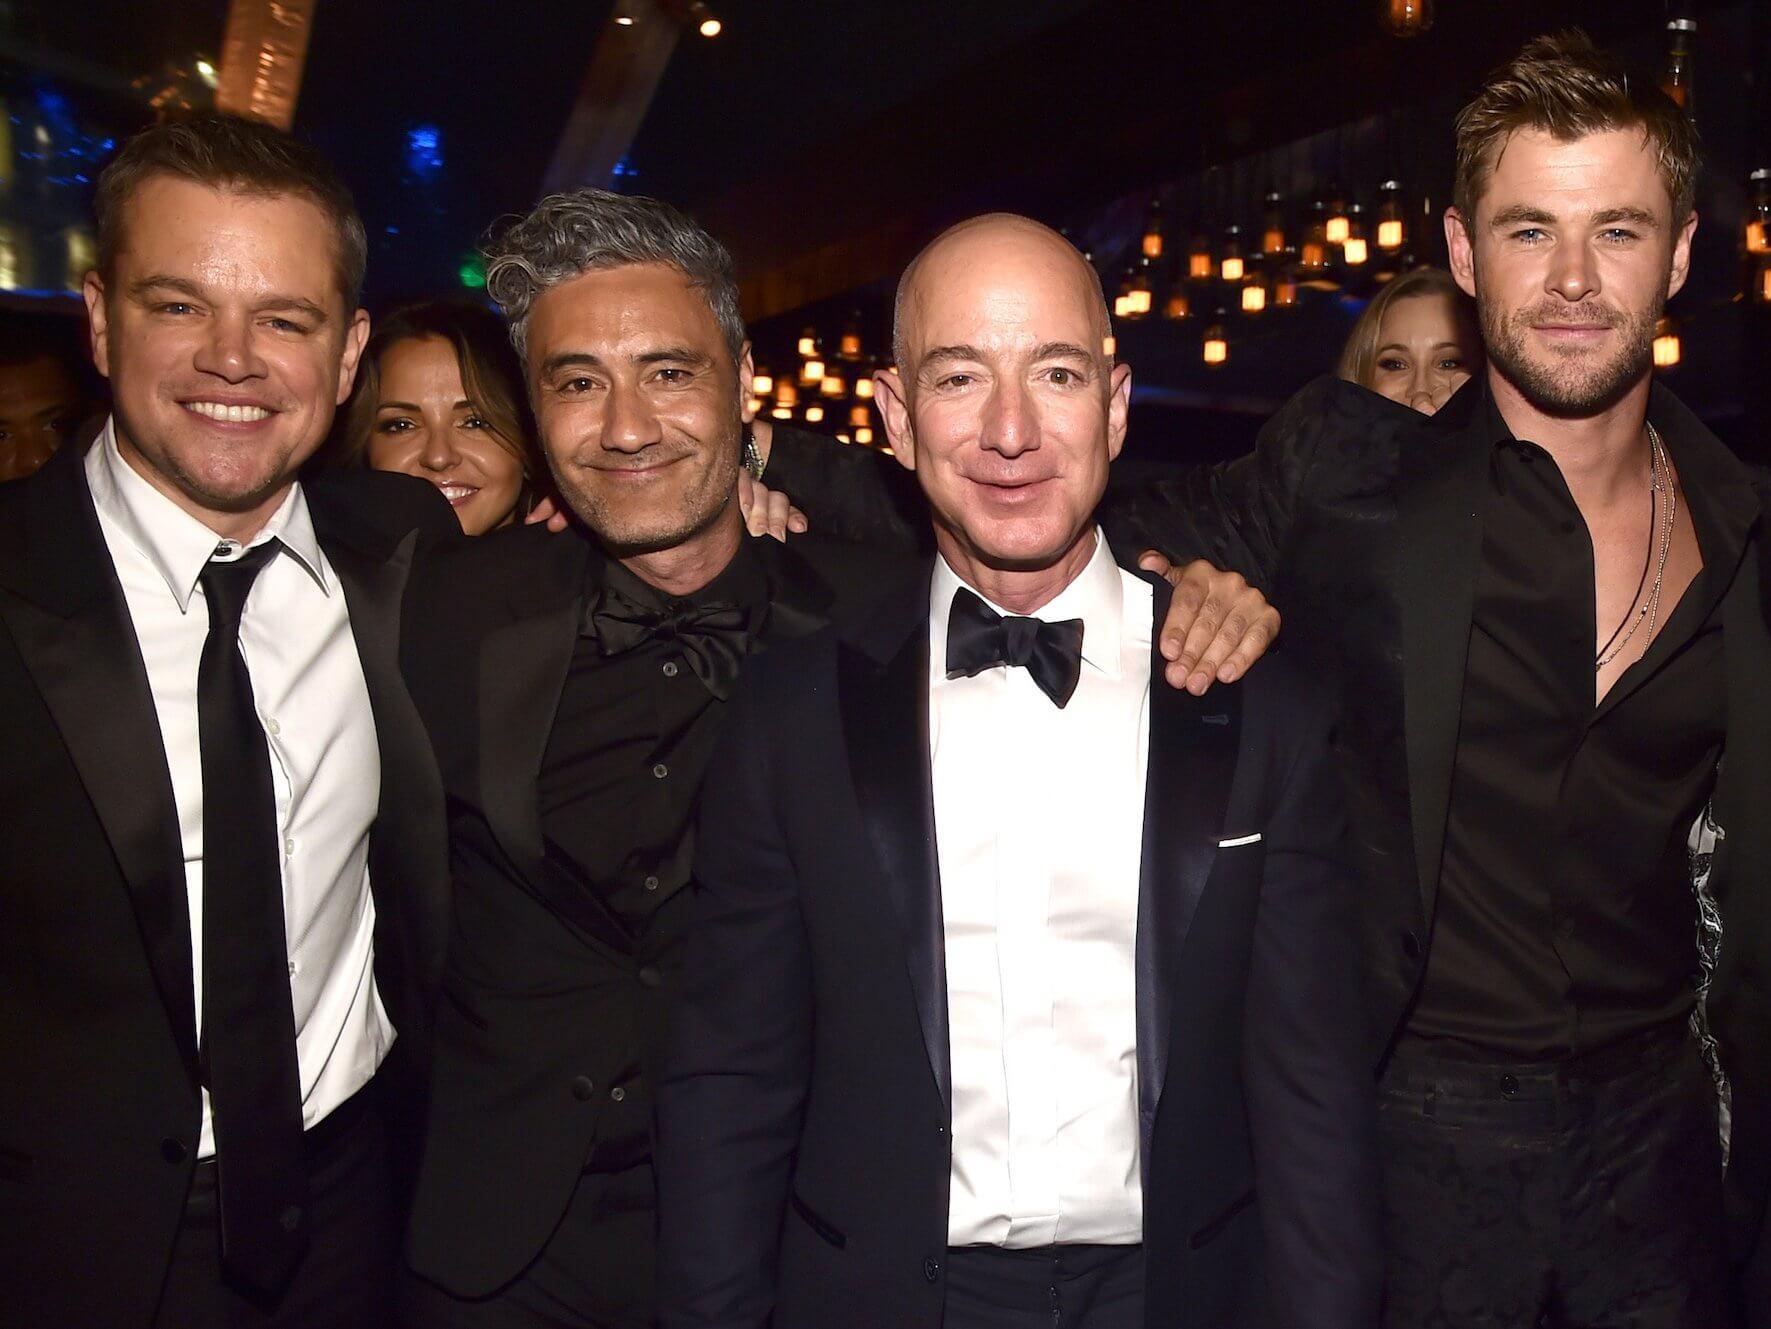 Thú vui độc đáo của ông chủ Amazon khi không làm việc - 1